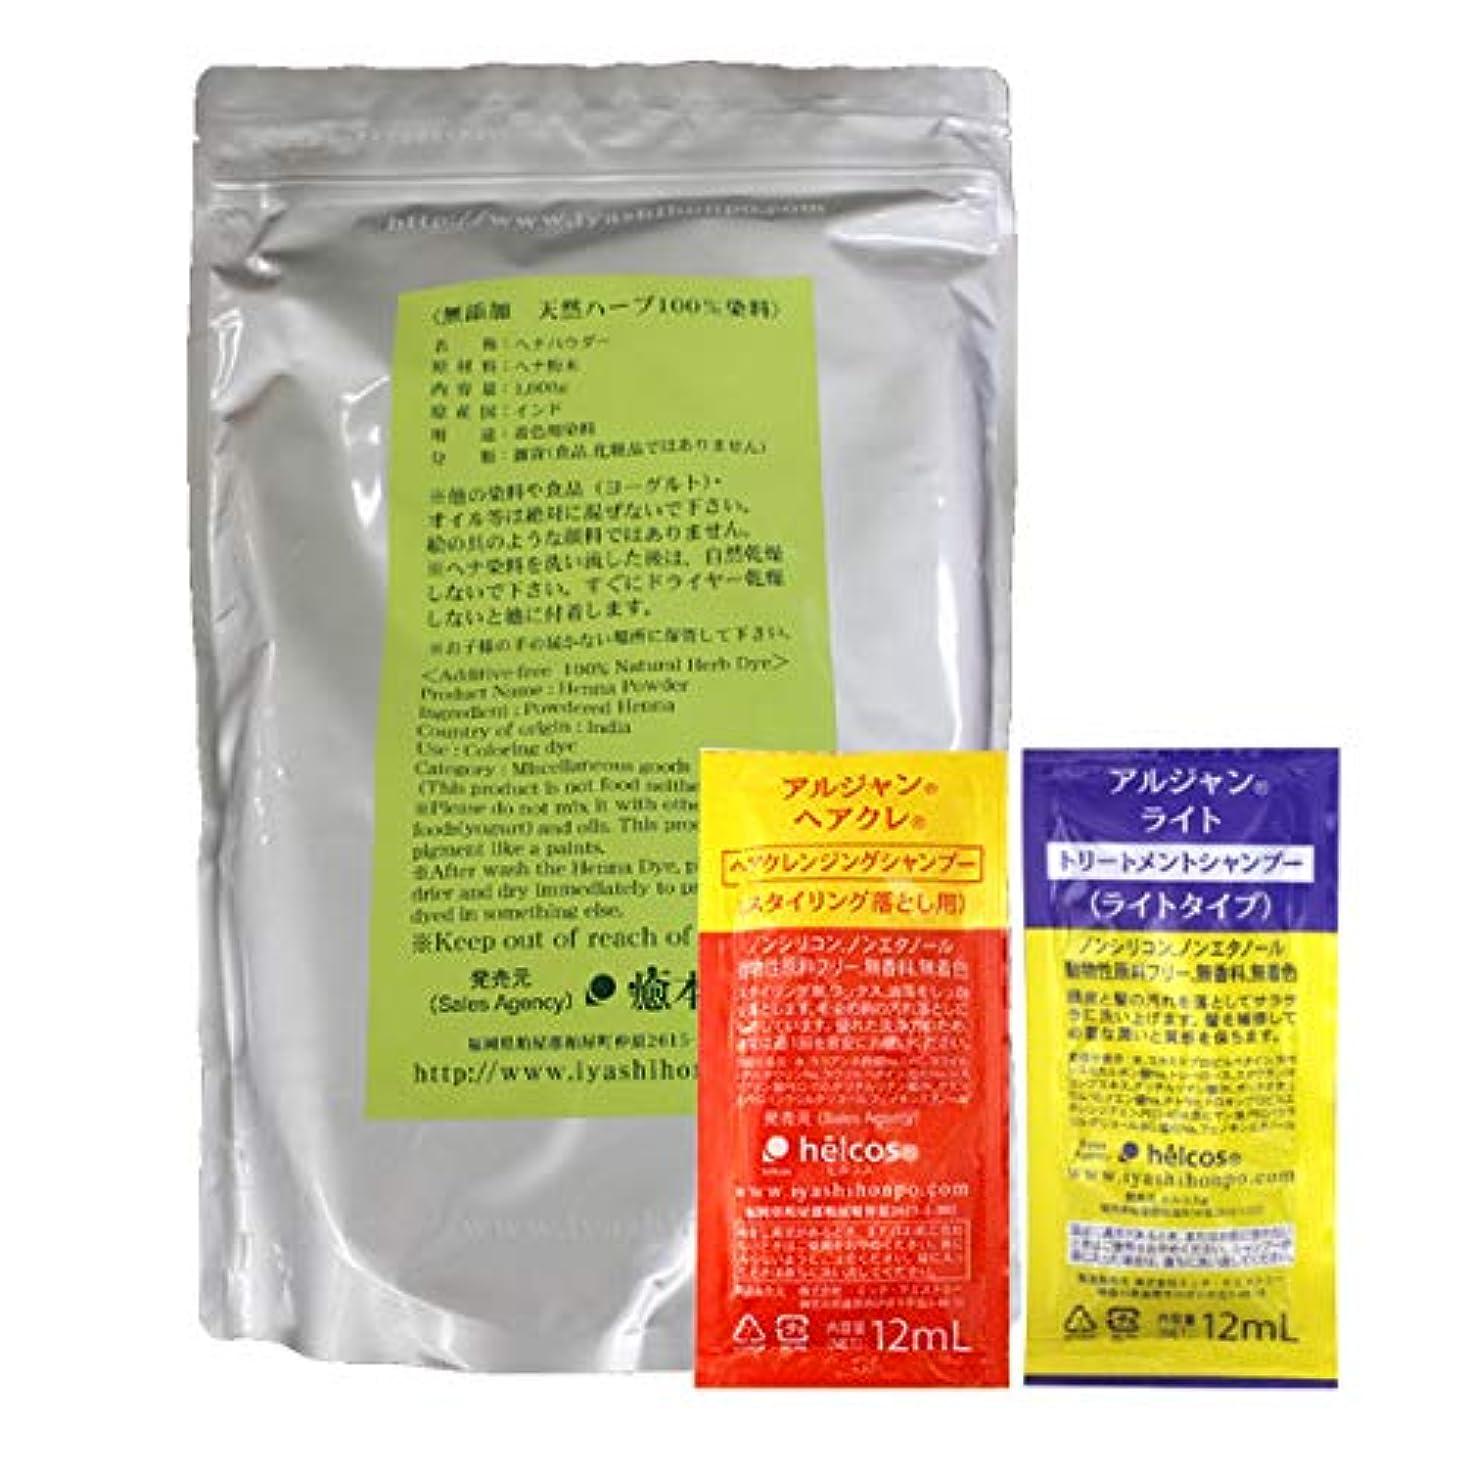 シャッターキャンセル法的白髪染め ヘナ(天然染料100%) 1,000g + シャンプー2種セット 癒本舗(ブラウン)